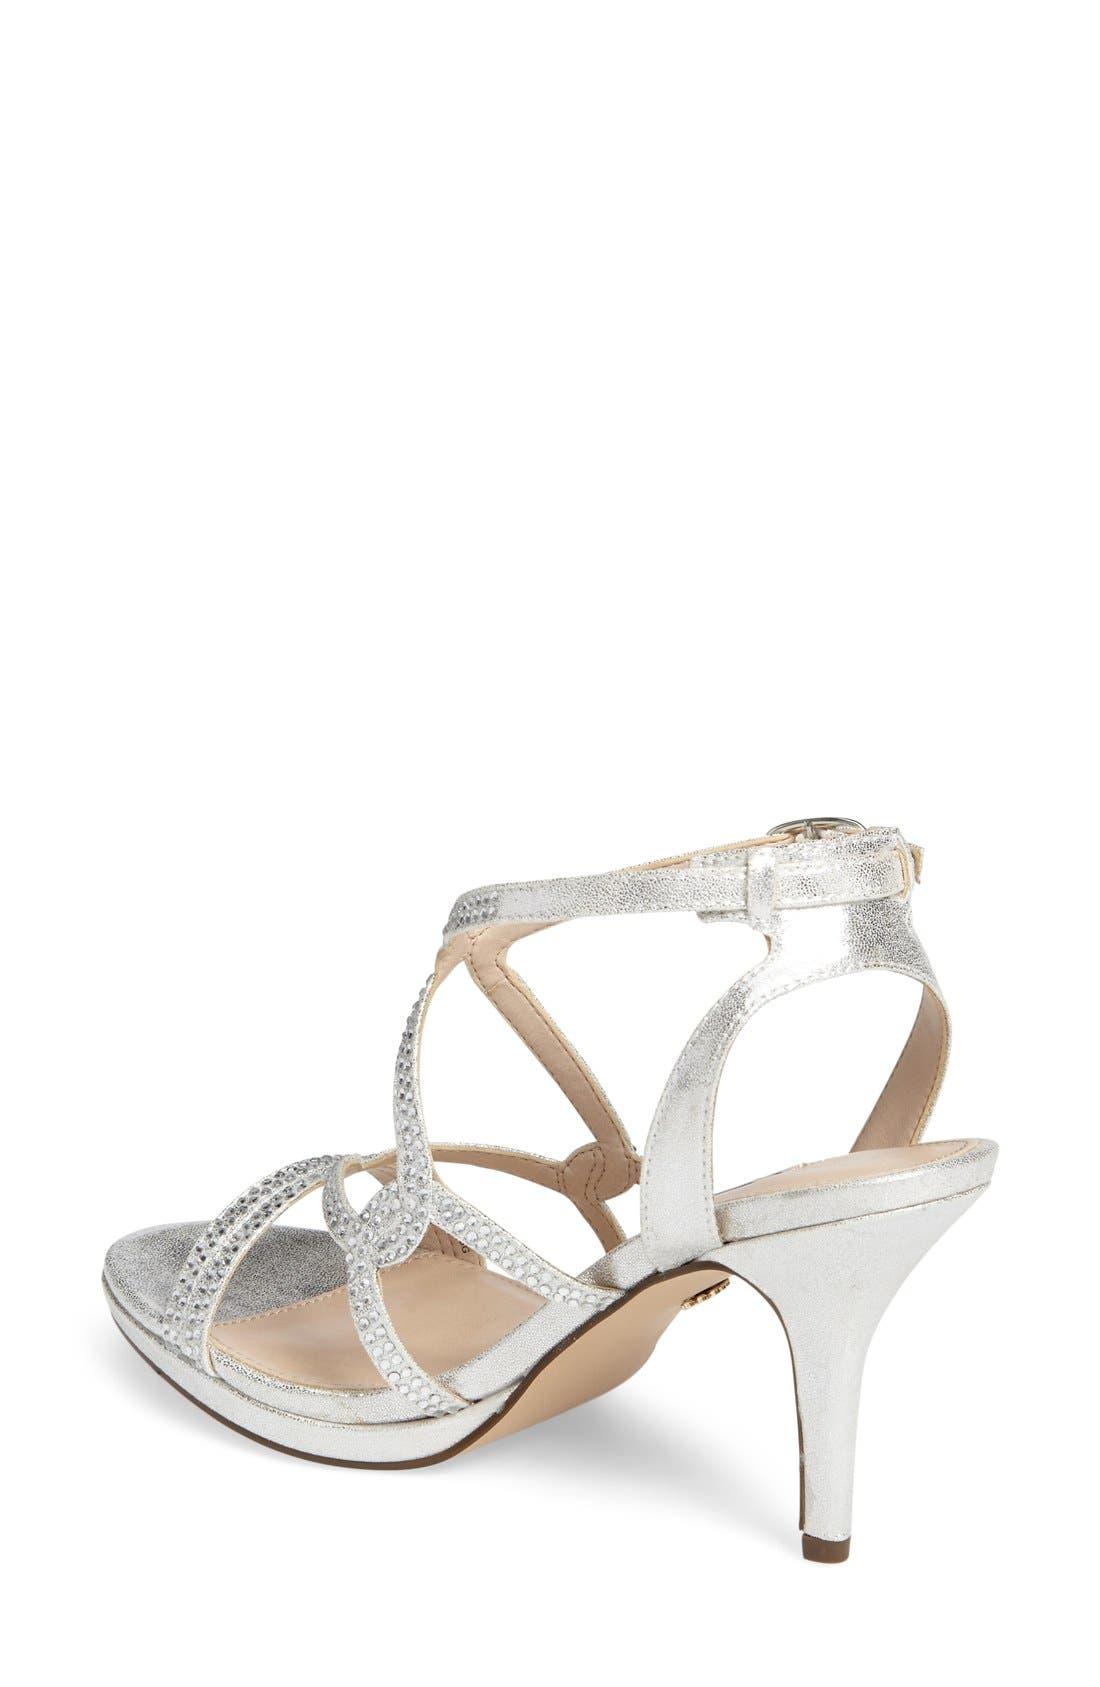 Varsha Crystal Embellished Evening Sandal,                             Alternate thumbnail 7, color,                             SILVER FAUX SUEDE